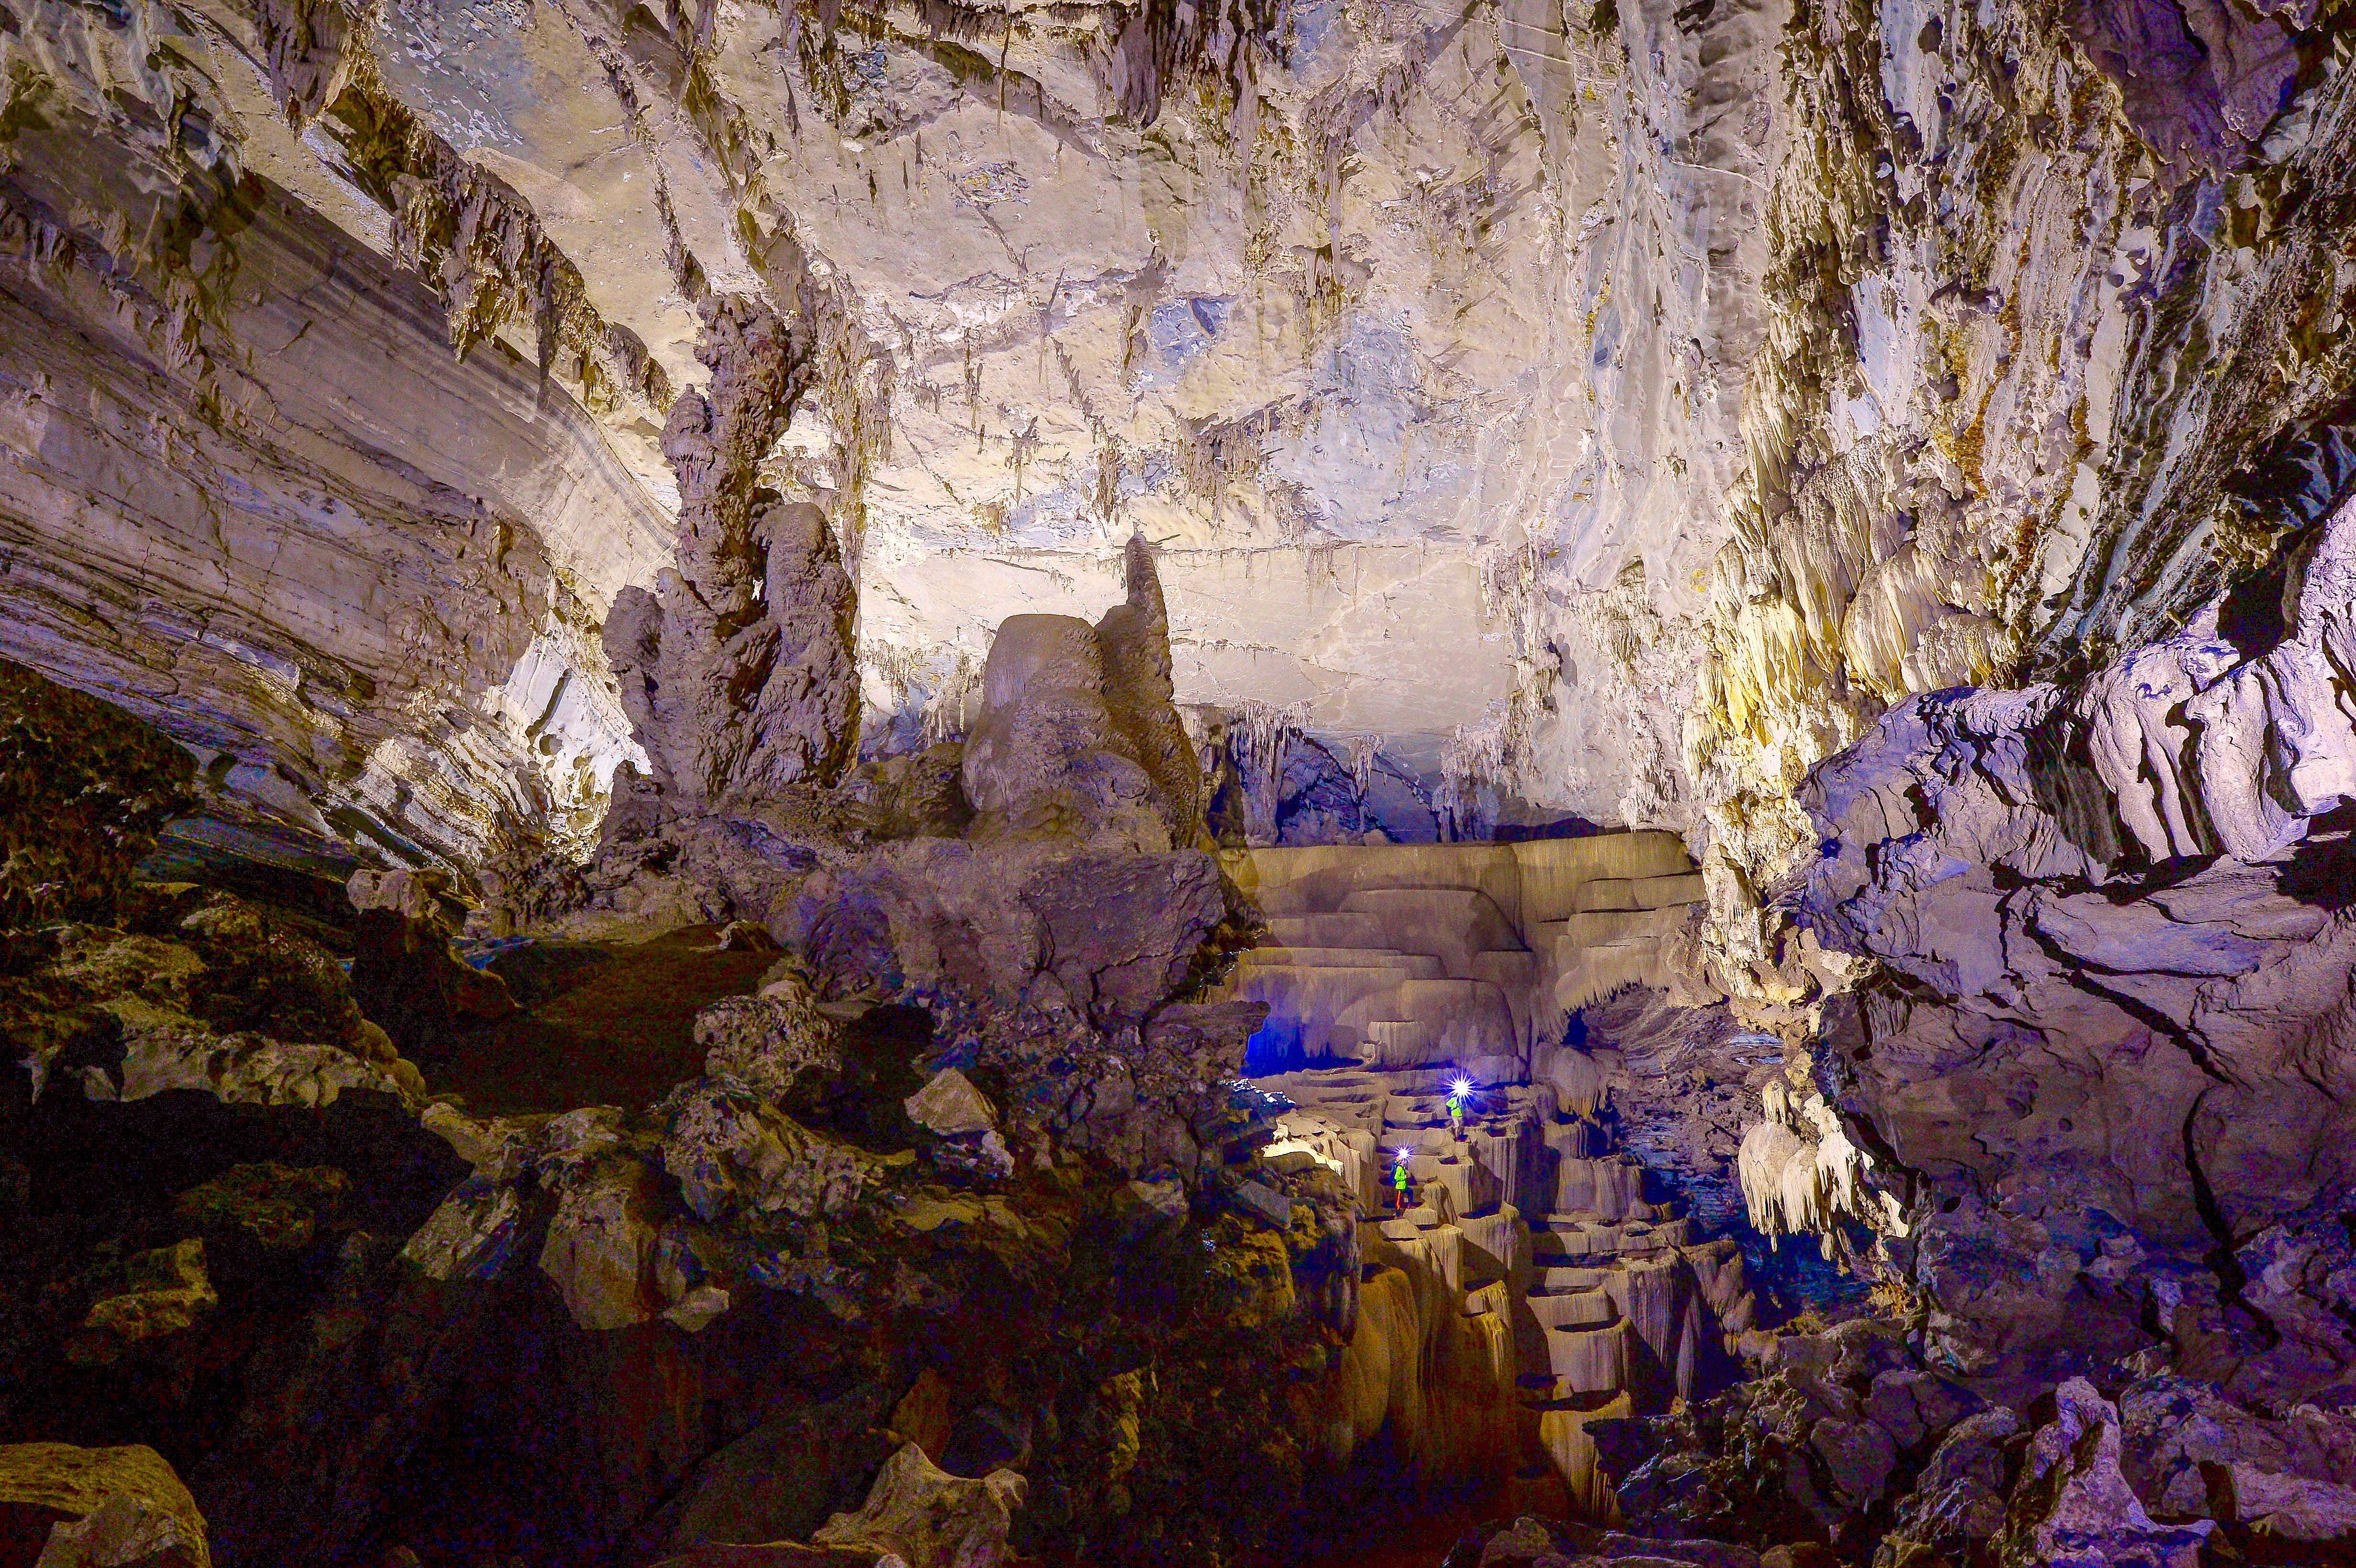 Không chỉ Sơn Đoòng, Quảng Bình còn có một hang động khác hoang sơ và đẹp đến ngạt thở! - Ảnh 16.